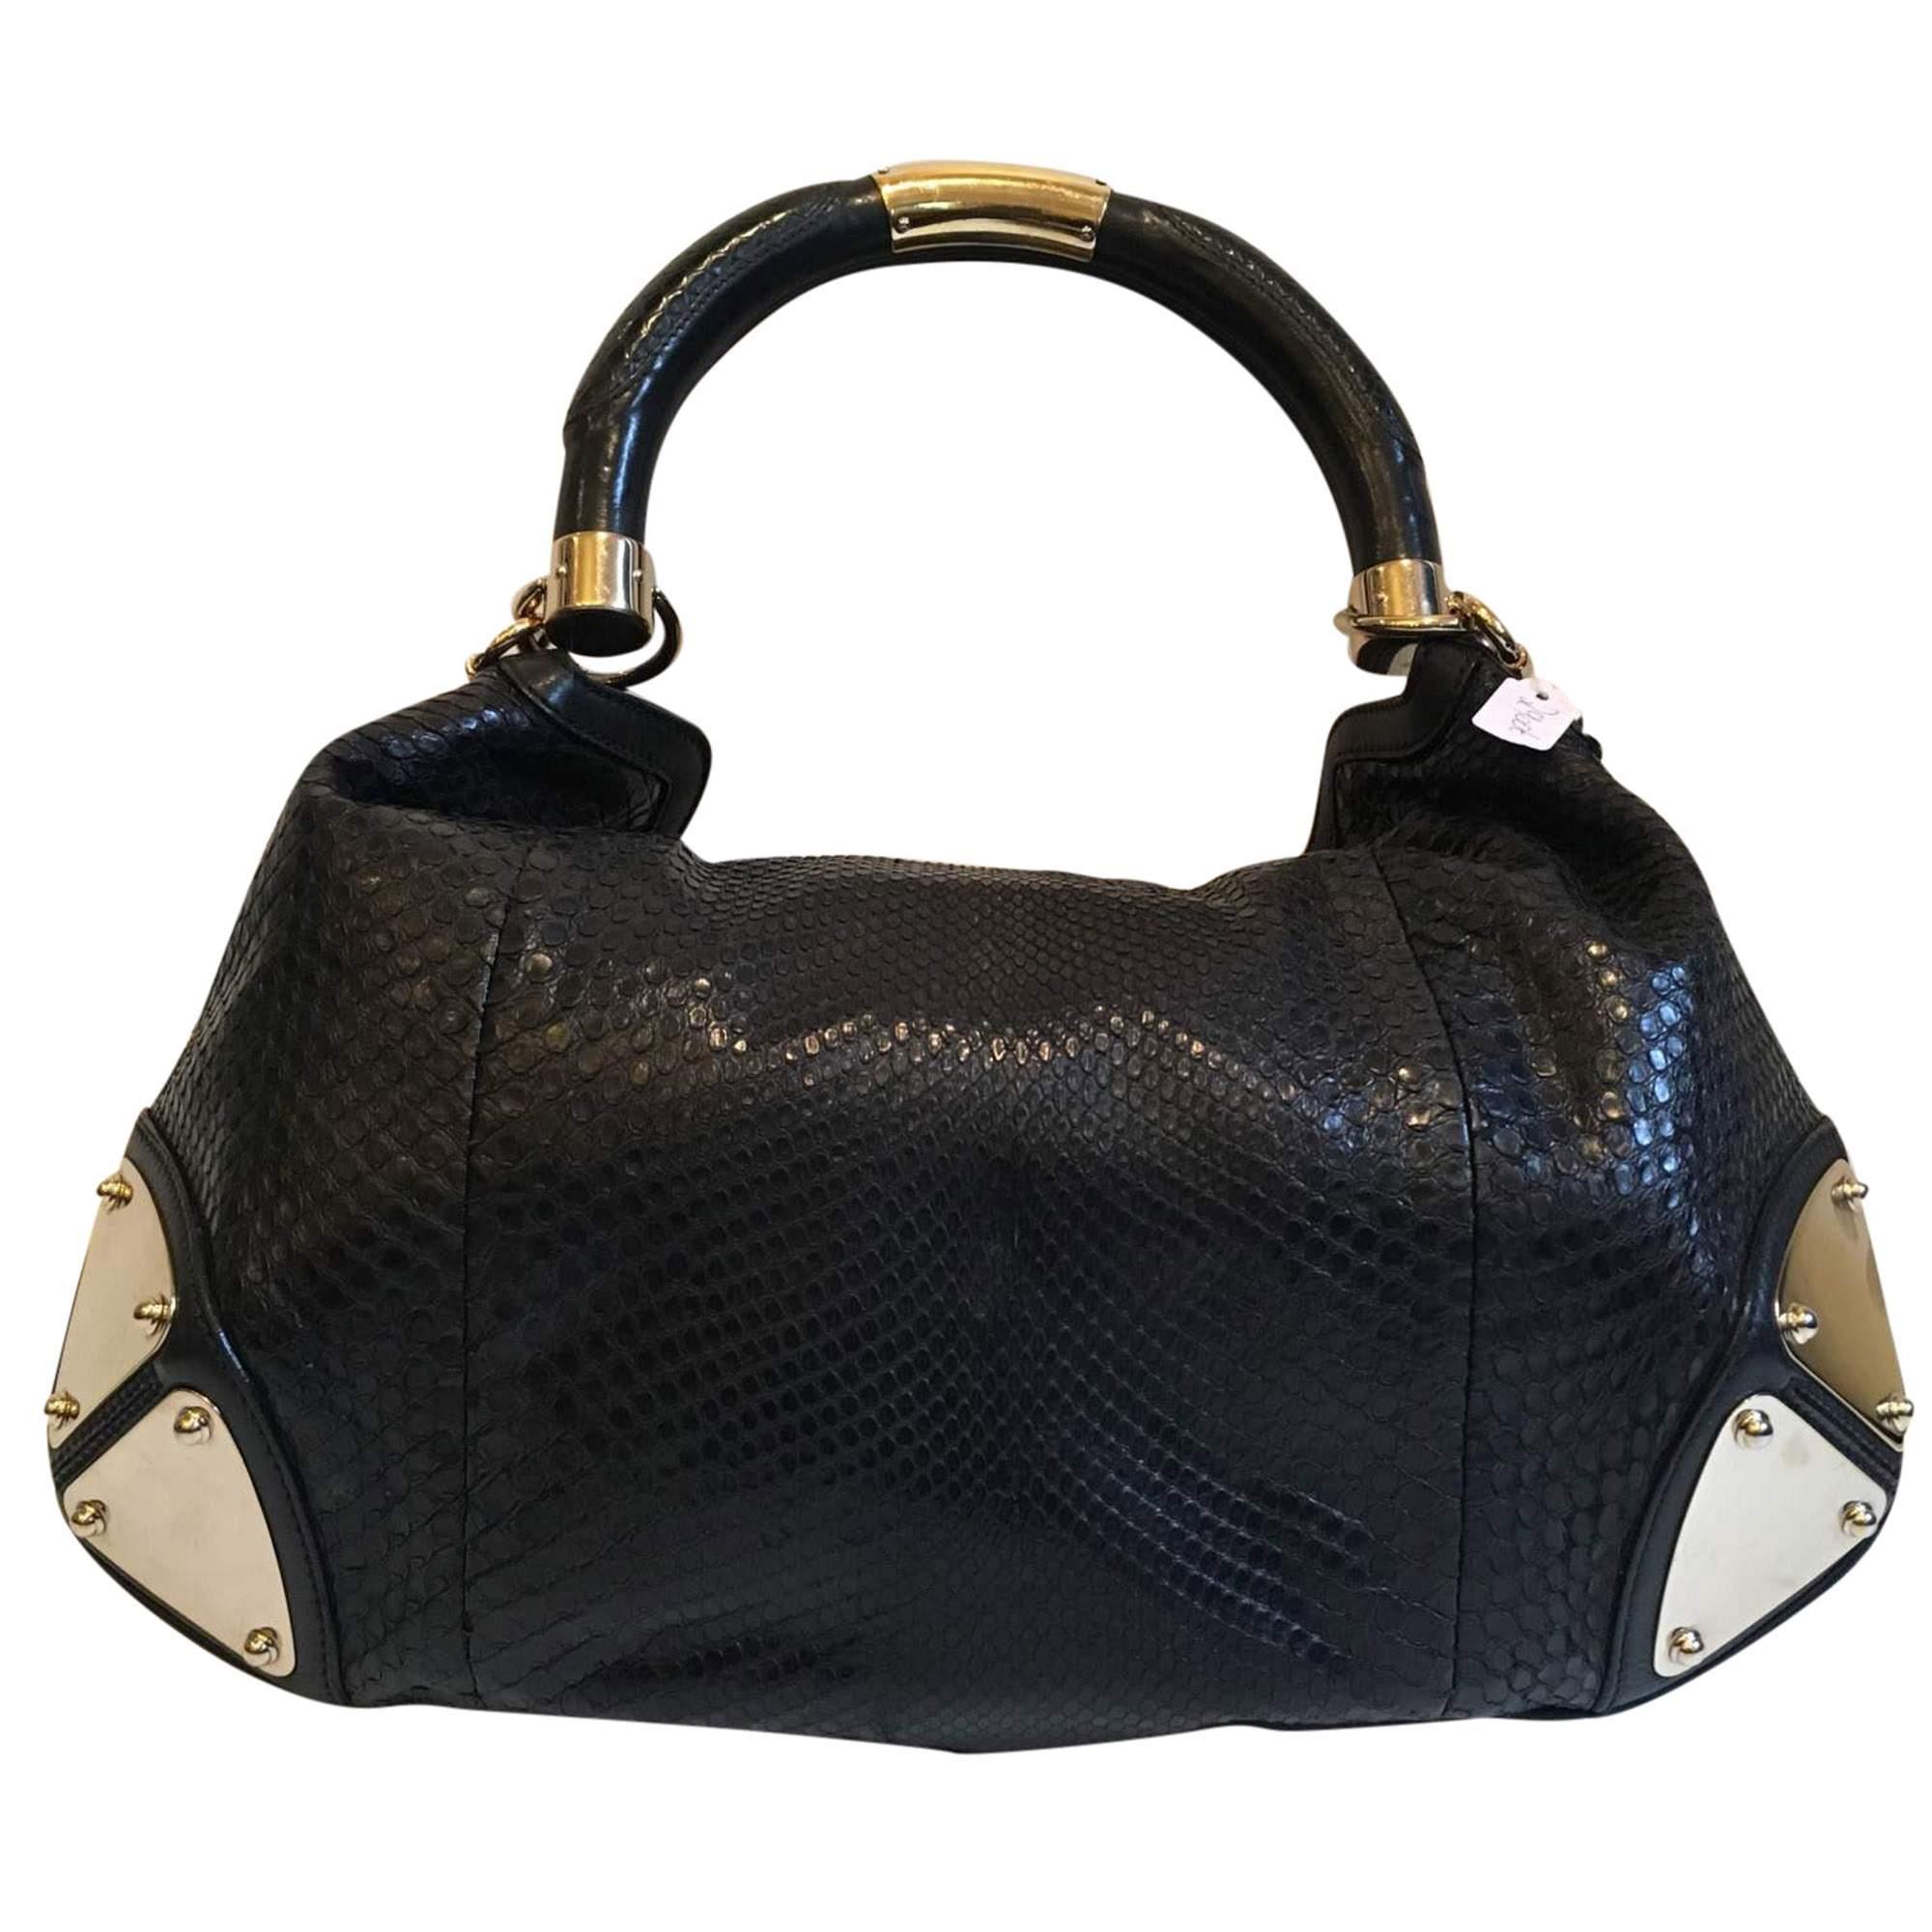 3e75a92f95d Gucci Python Bag Black - Bag Photos and Wallpaper HD